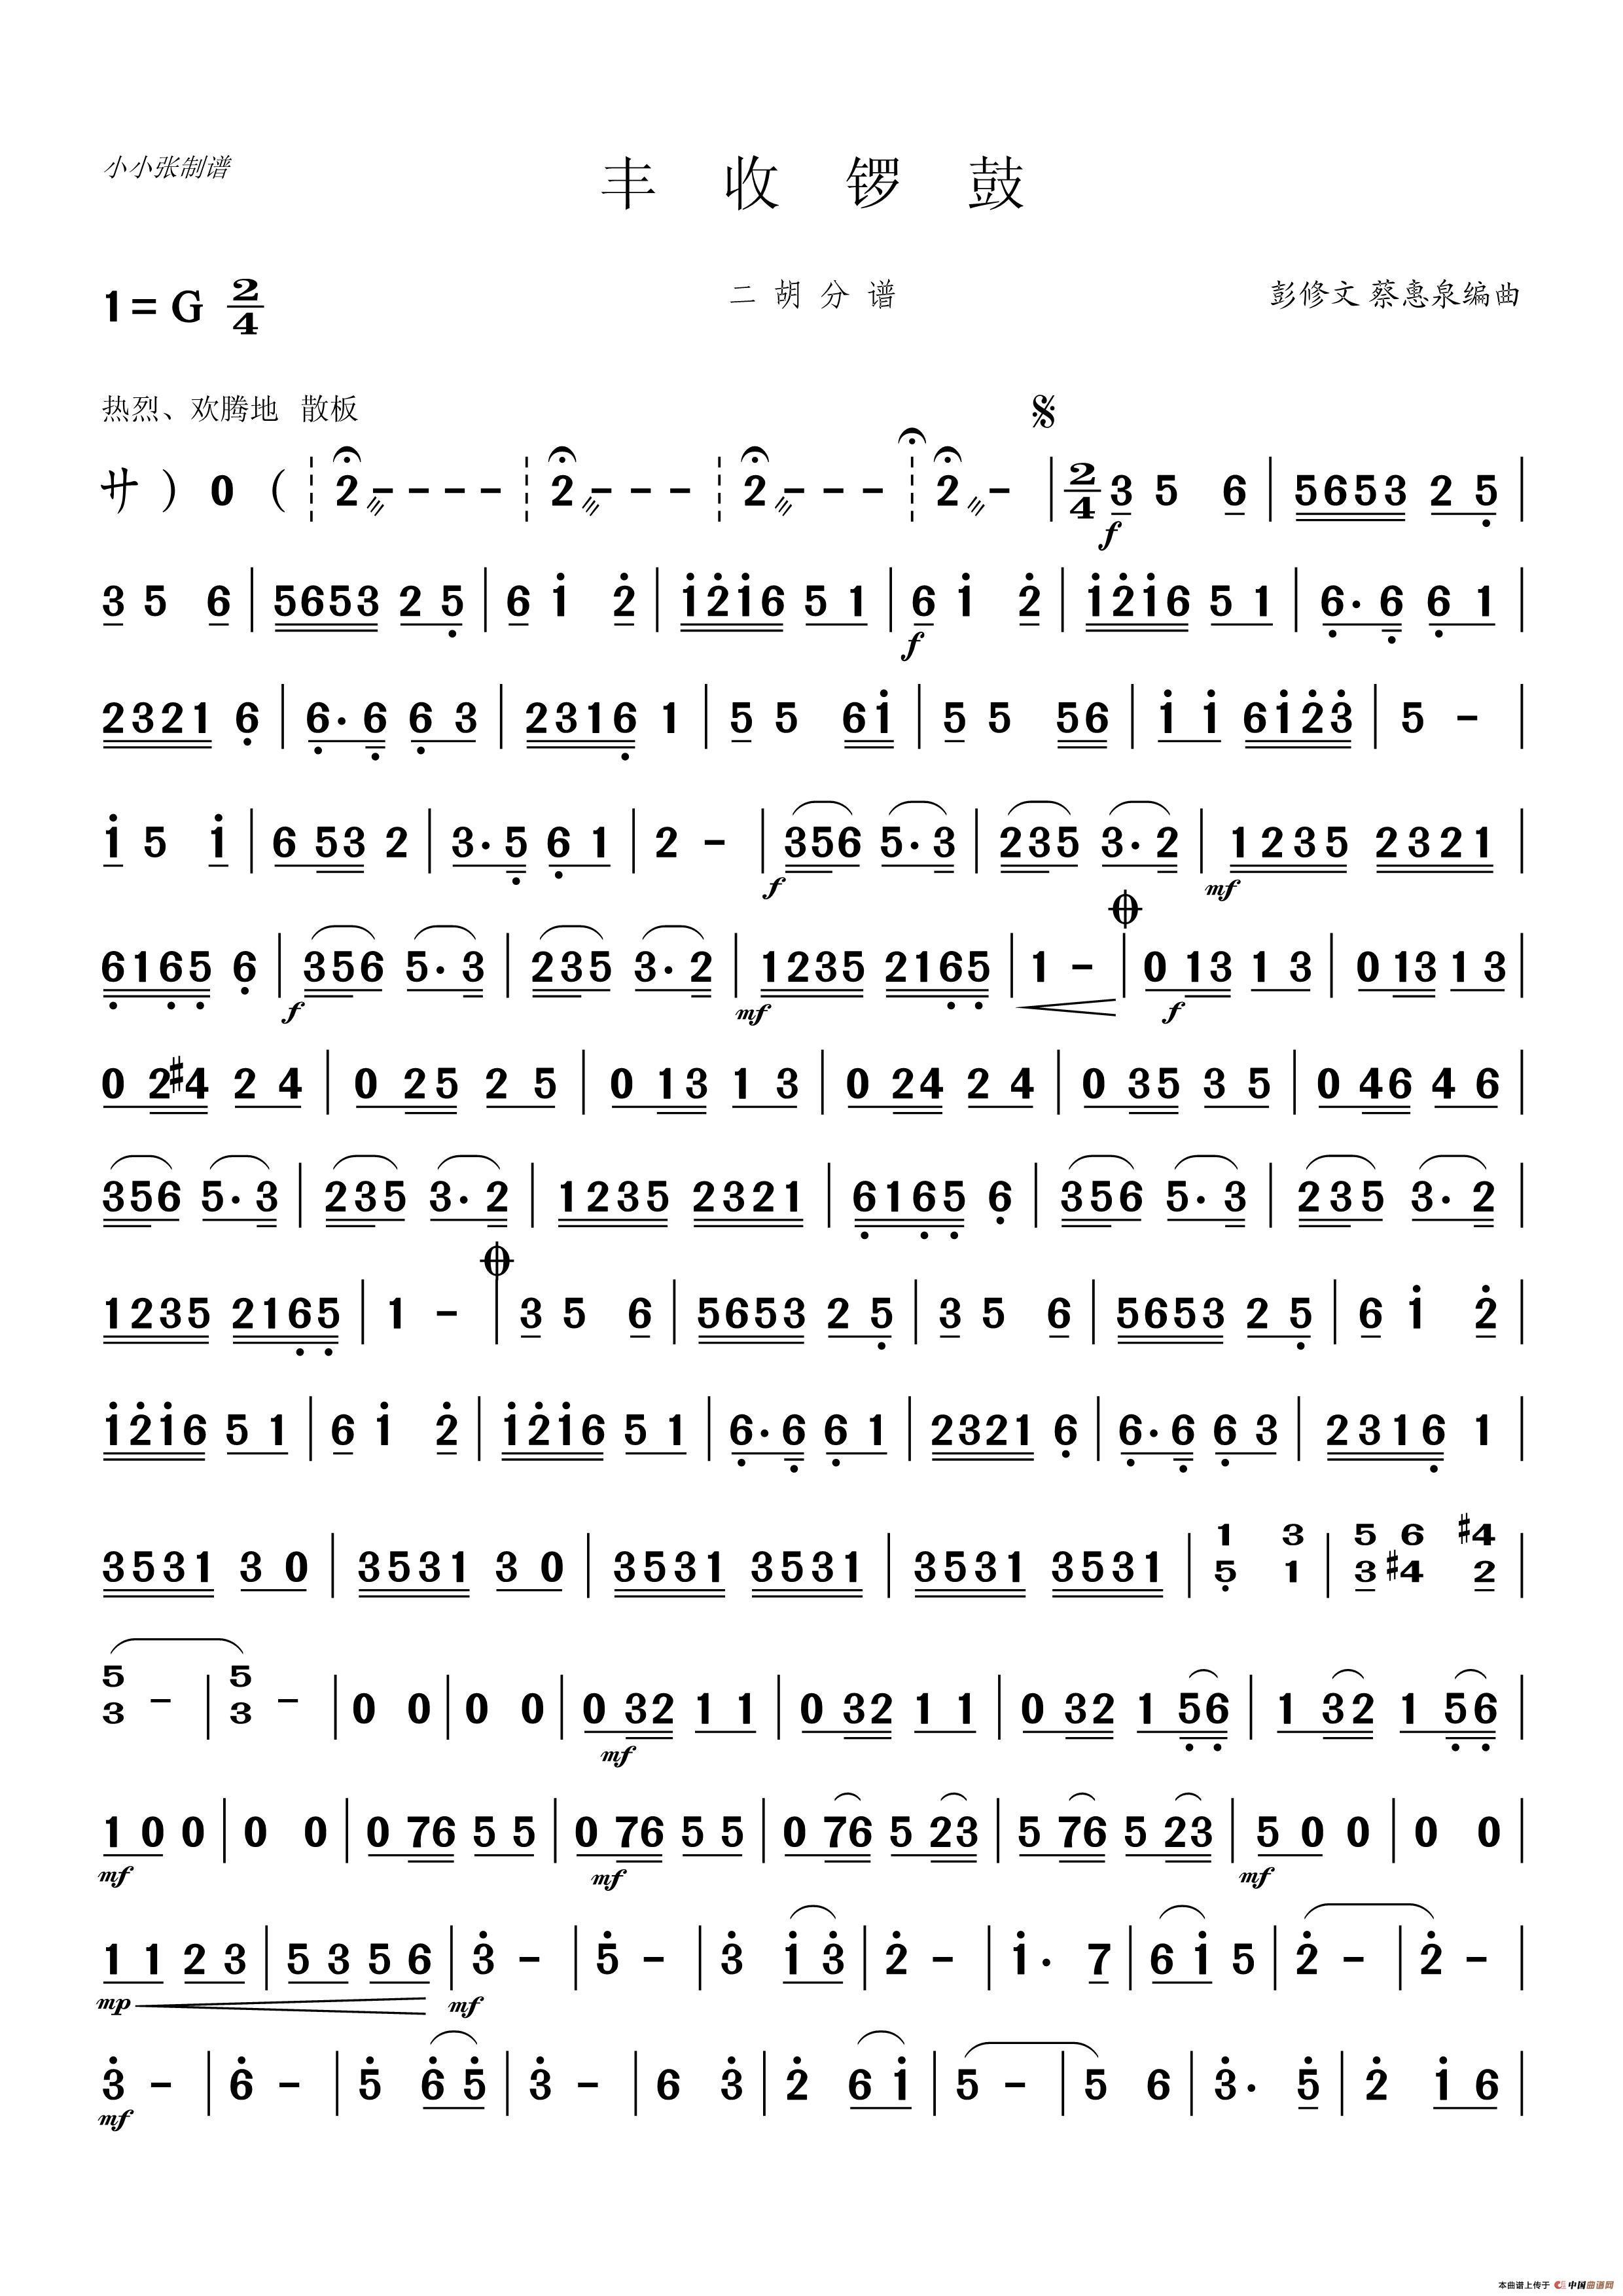 丰收锣鼓 器乐合奏二胡分谱